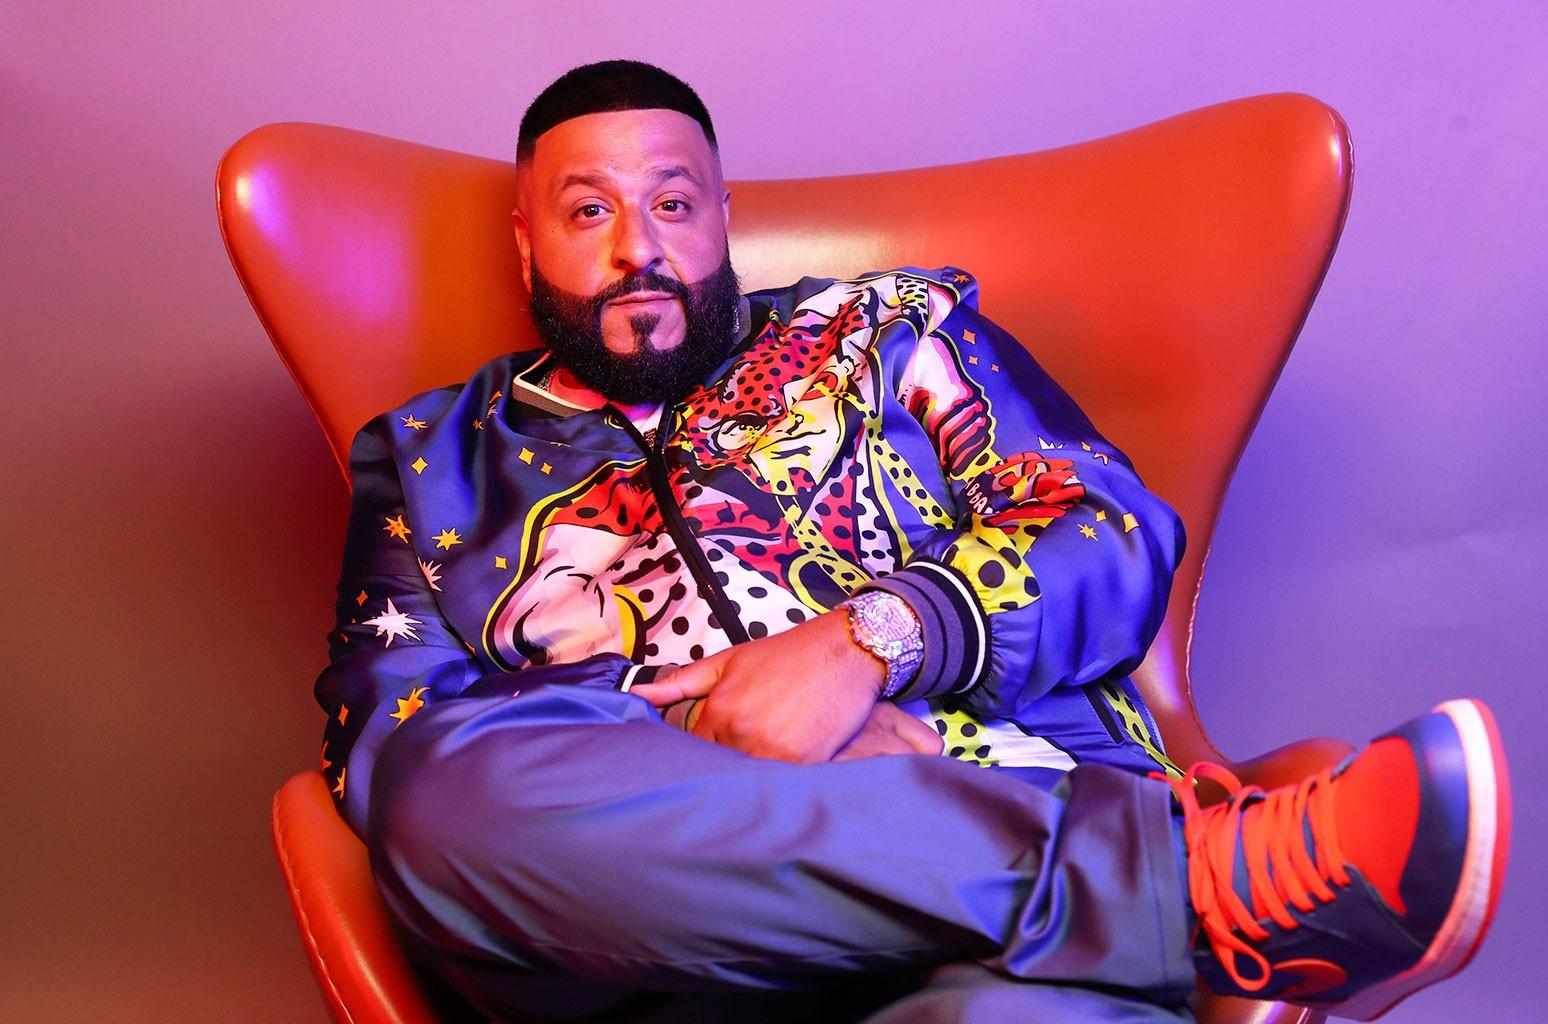 DJ Khaled примет награду MTV Africa Music Awards, которая впервые будет транслироваться во всем мире